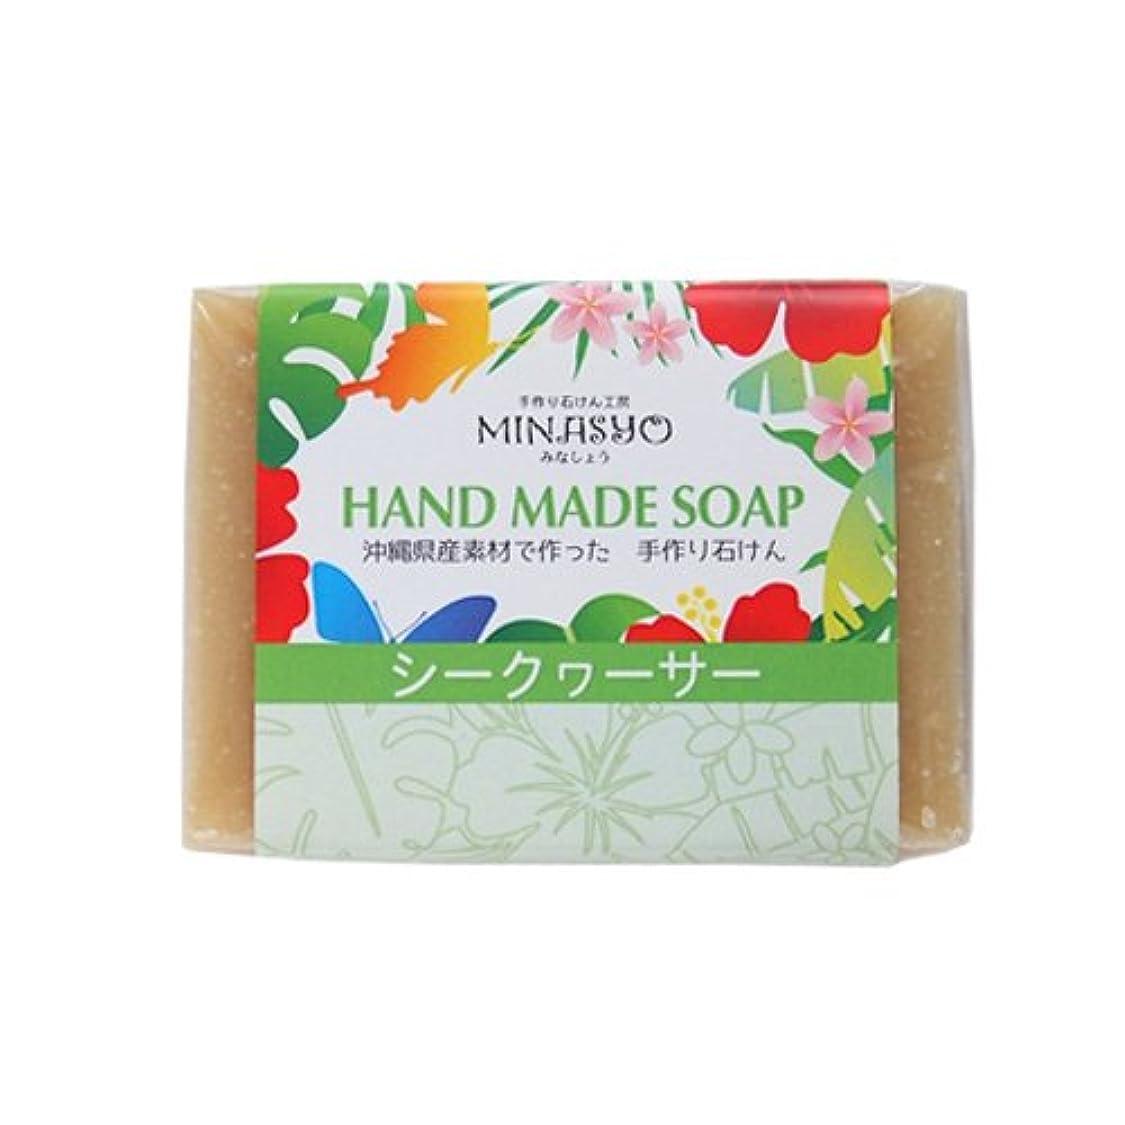 バッテリー静かにスープ沖縄産シークヮーサー 約100g×3個 みなしょう シークワーサー?ココナッツオイル?海洋深層水配合 香りのよい石けん